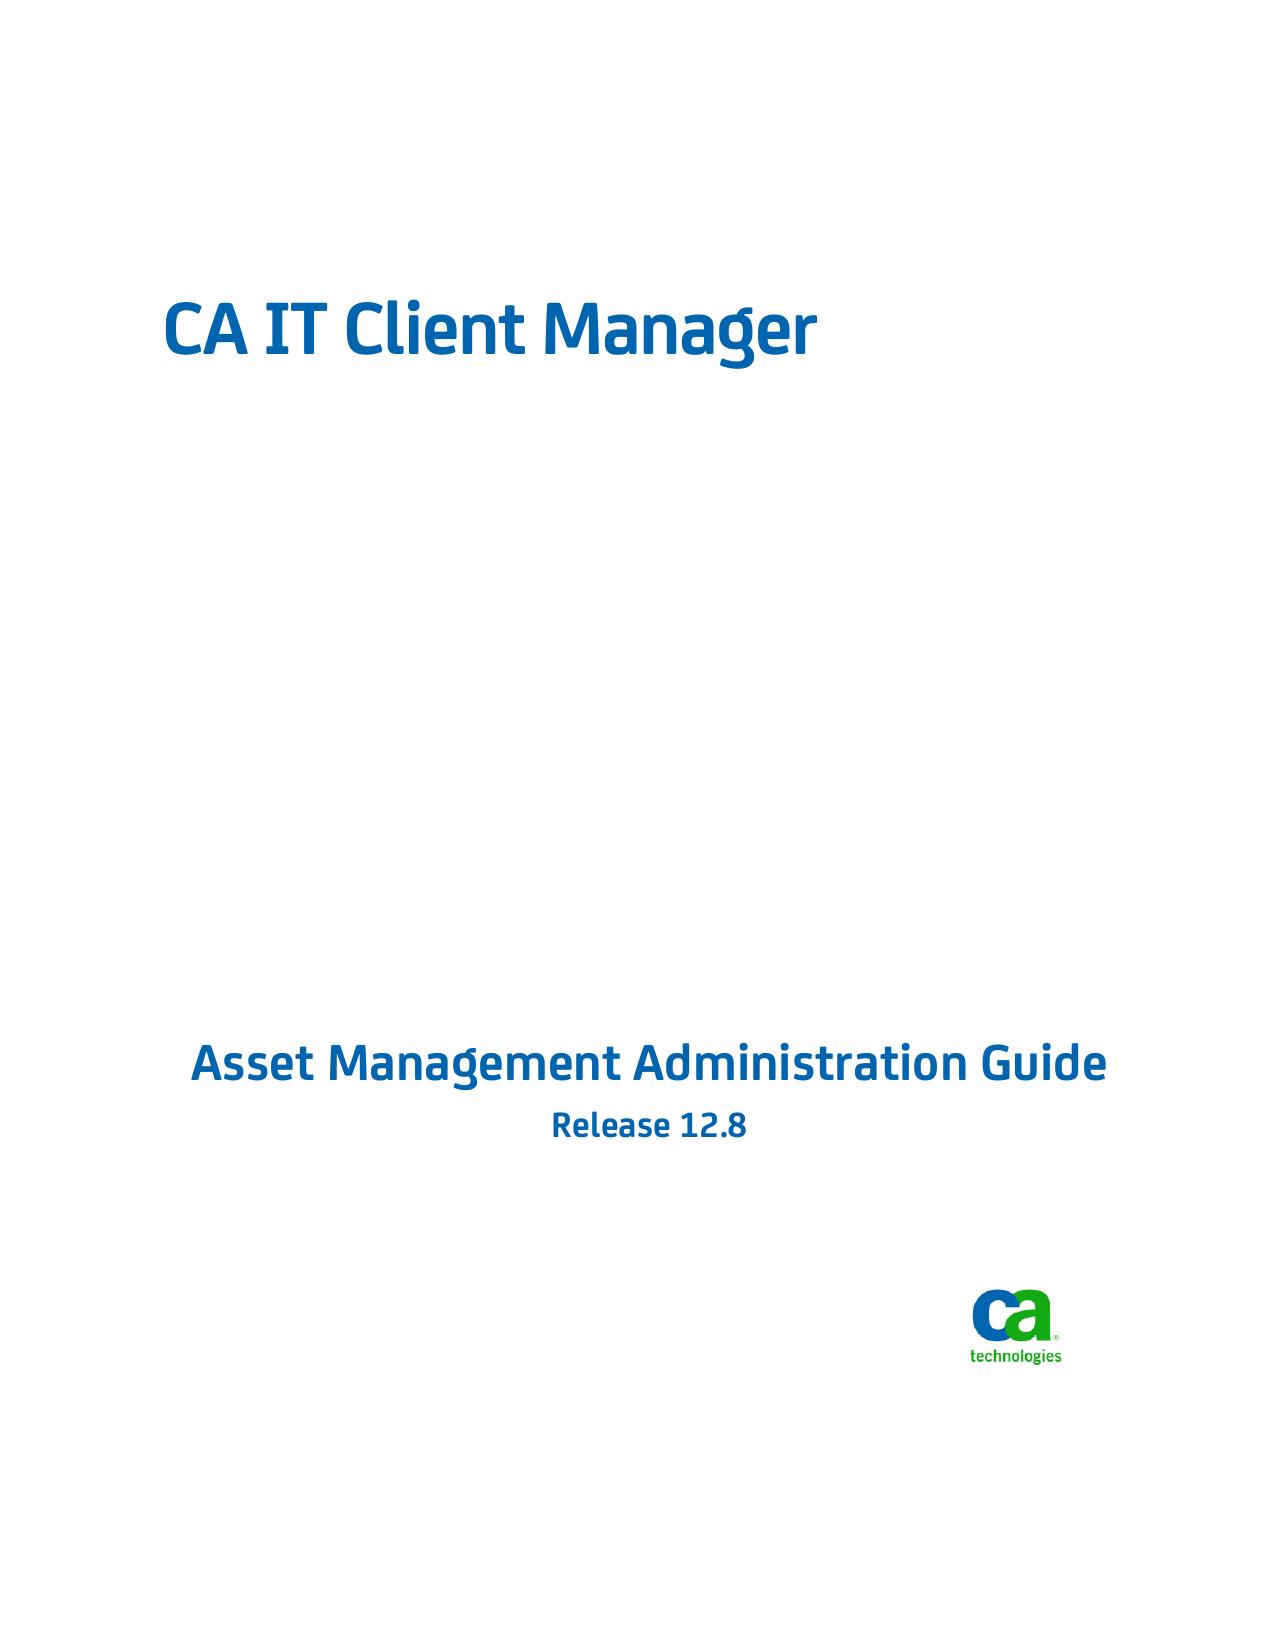 CA IT Client Manager Asset Management | manualzz com